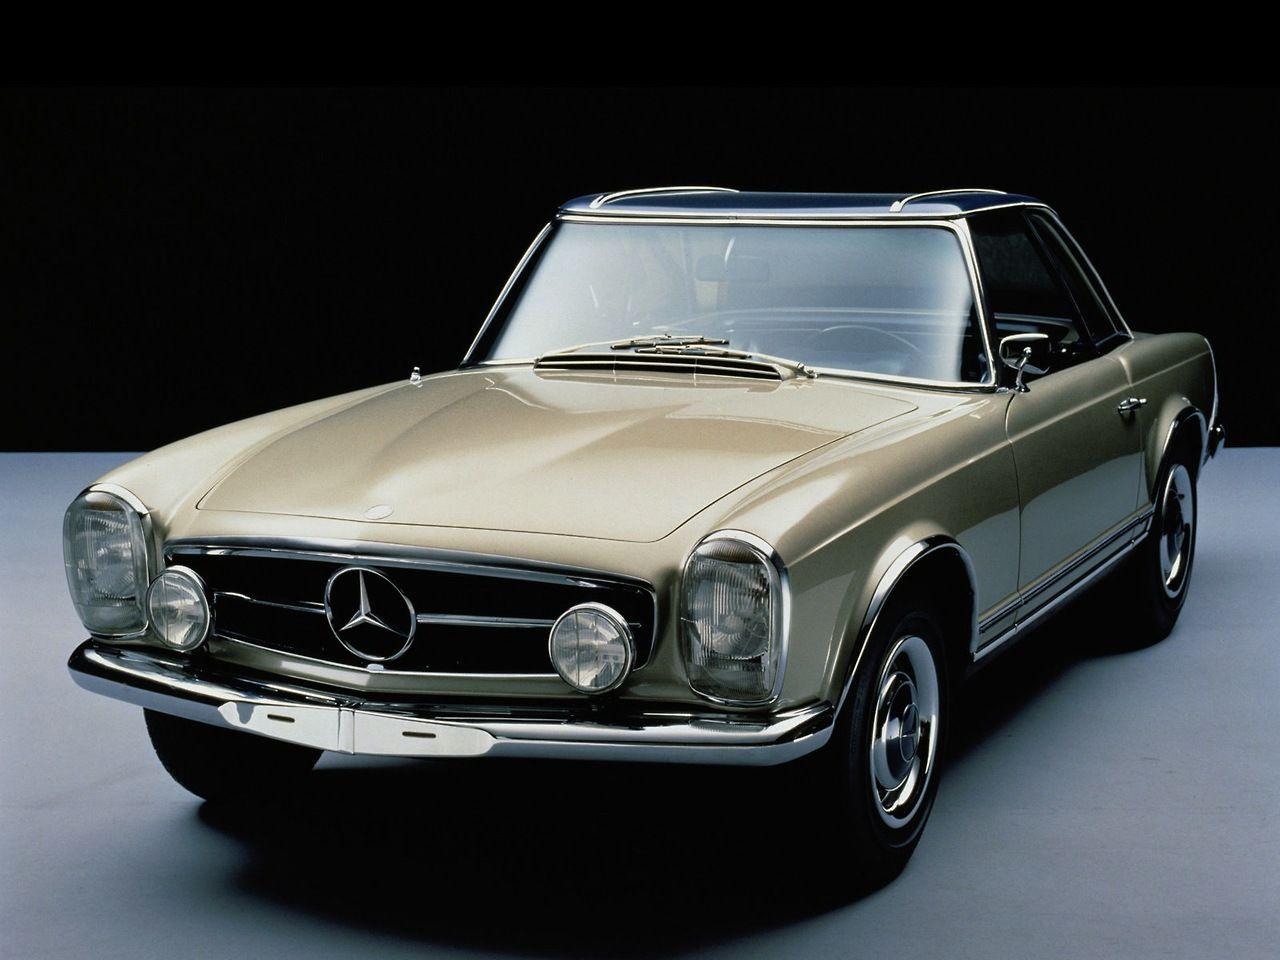 Mercedes benz 280sl car vehicl wrap mercedes benz merced pagoda - 1963 Mercedes Benz 230 Sl Pagoda